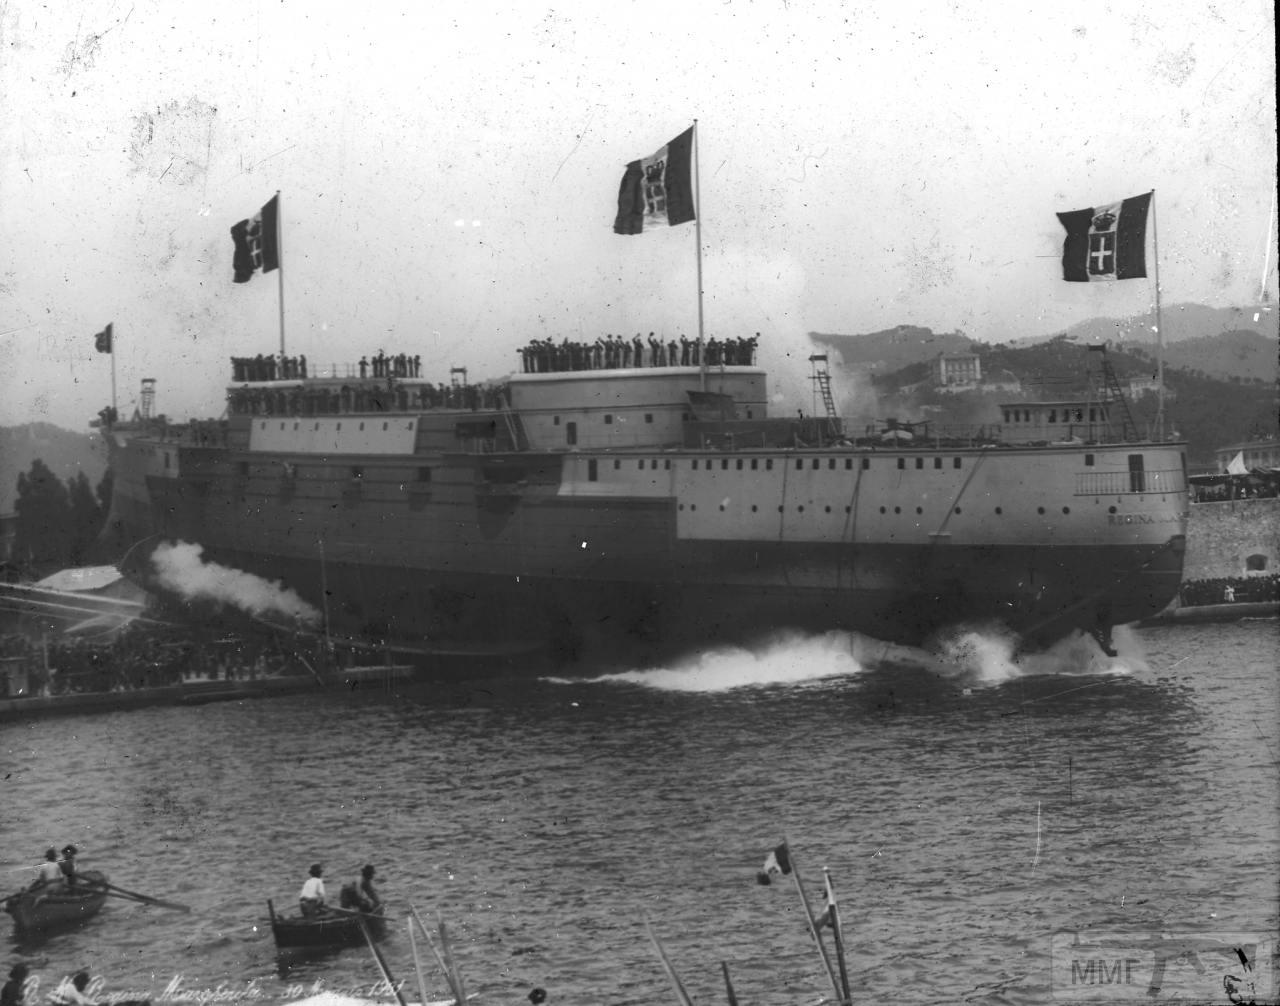 77796 - Спуск на воду броненосца Regina Margherita на верфи в Специи, 30 мая 1901 г.